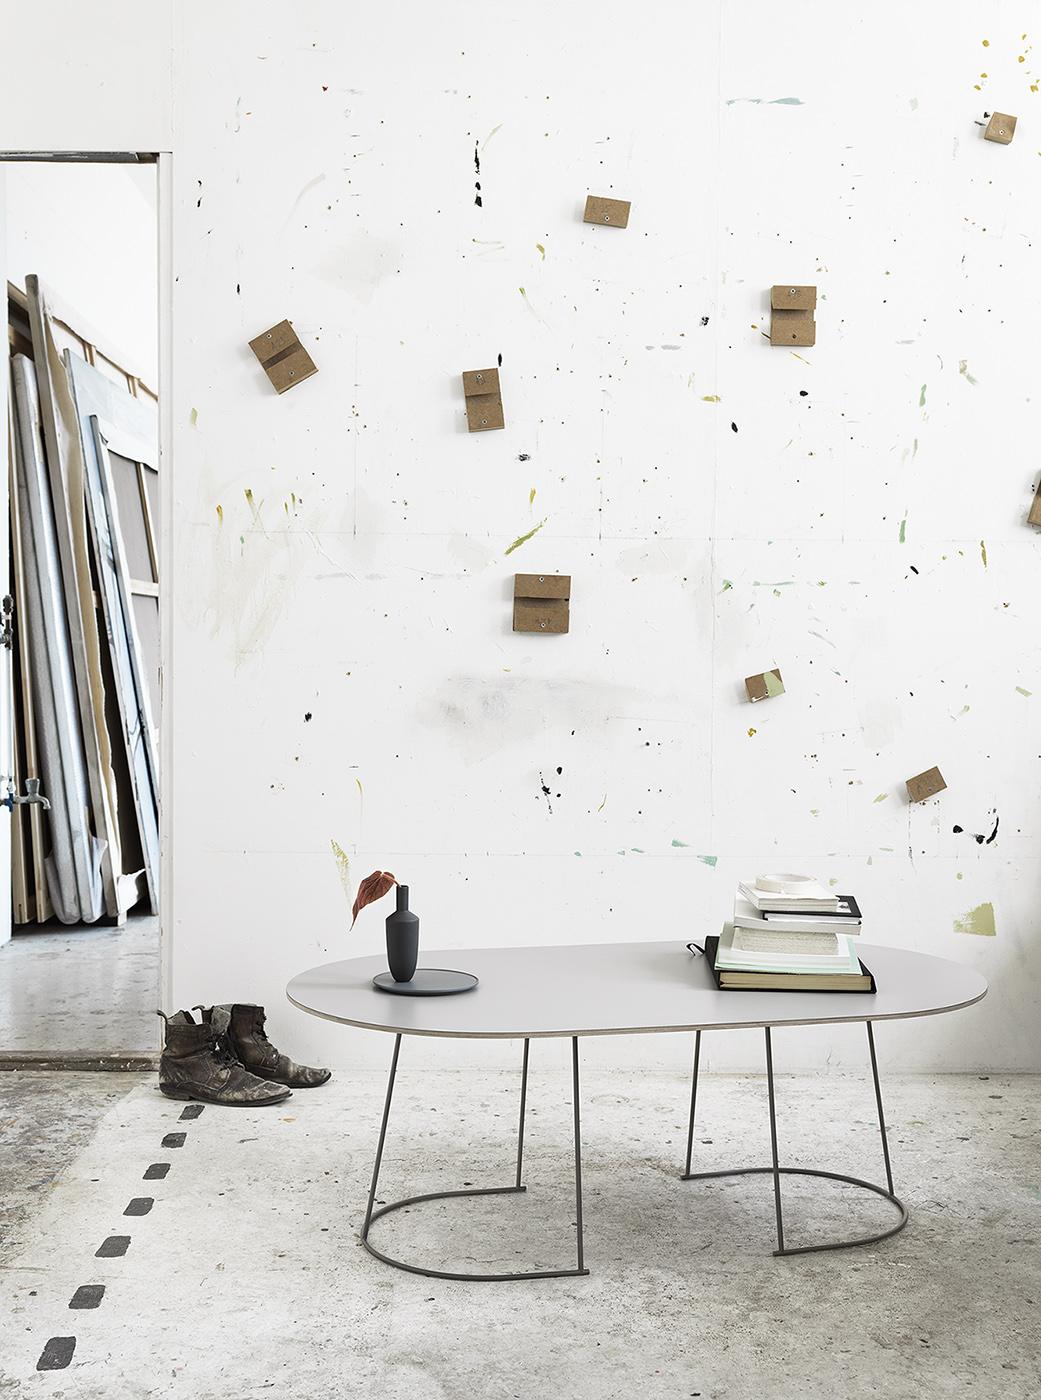 Необычный журнальный столик с современным дизайном, фото столика Airy